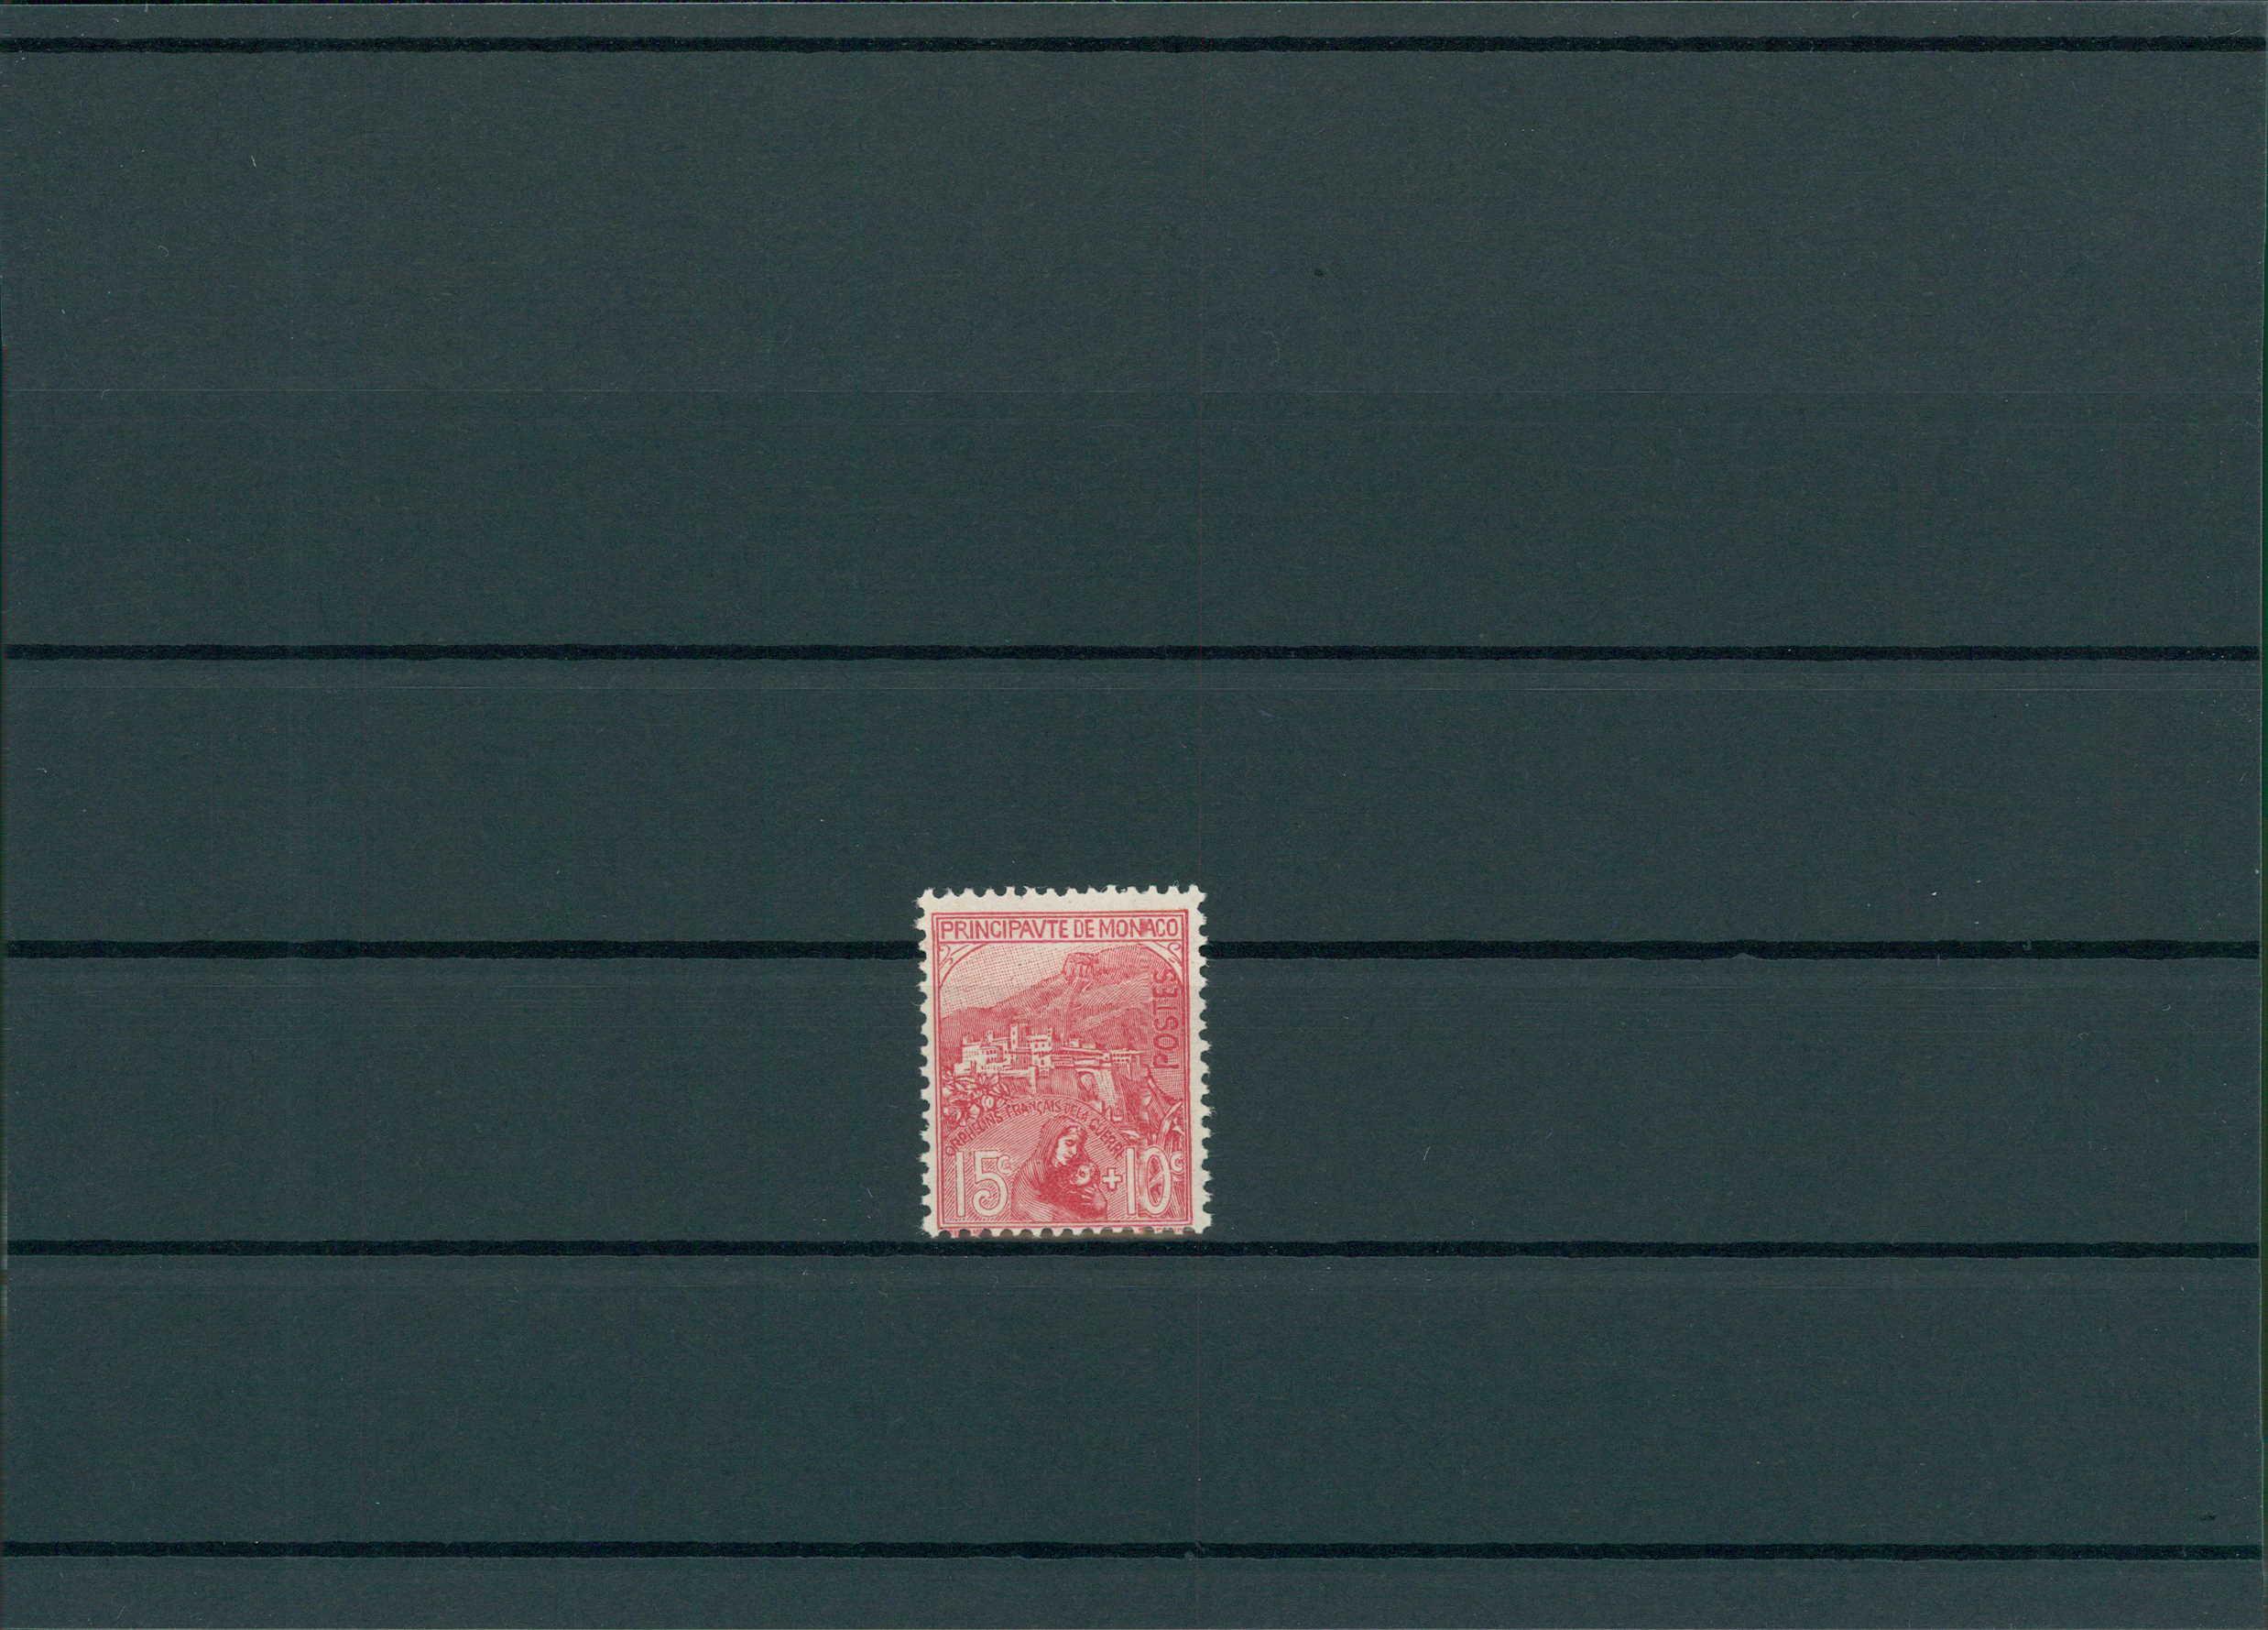 Europa Monako 1919 Nr 28 Siehe Beschreibung 201420 Briefmarken